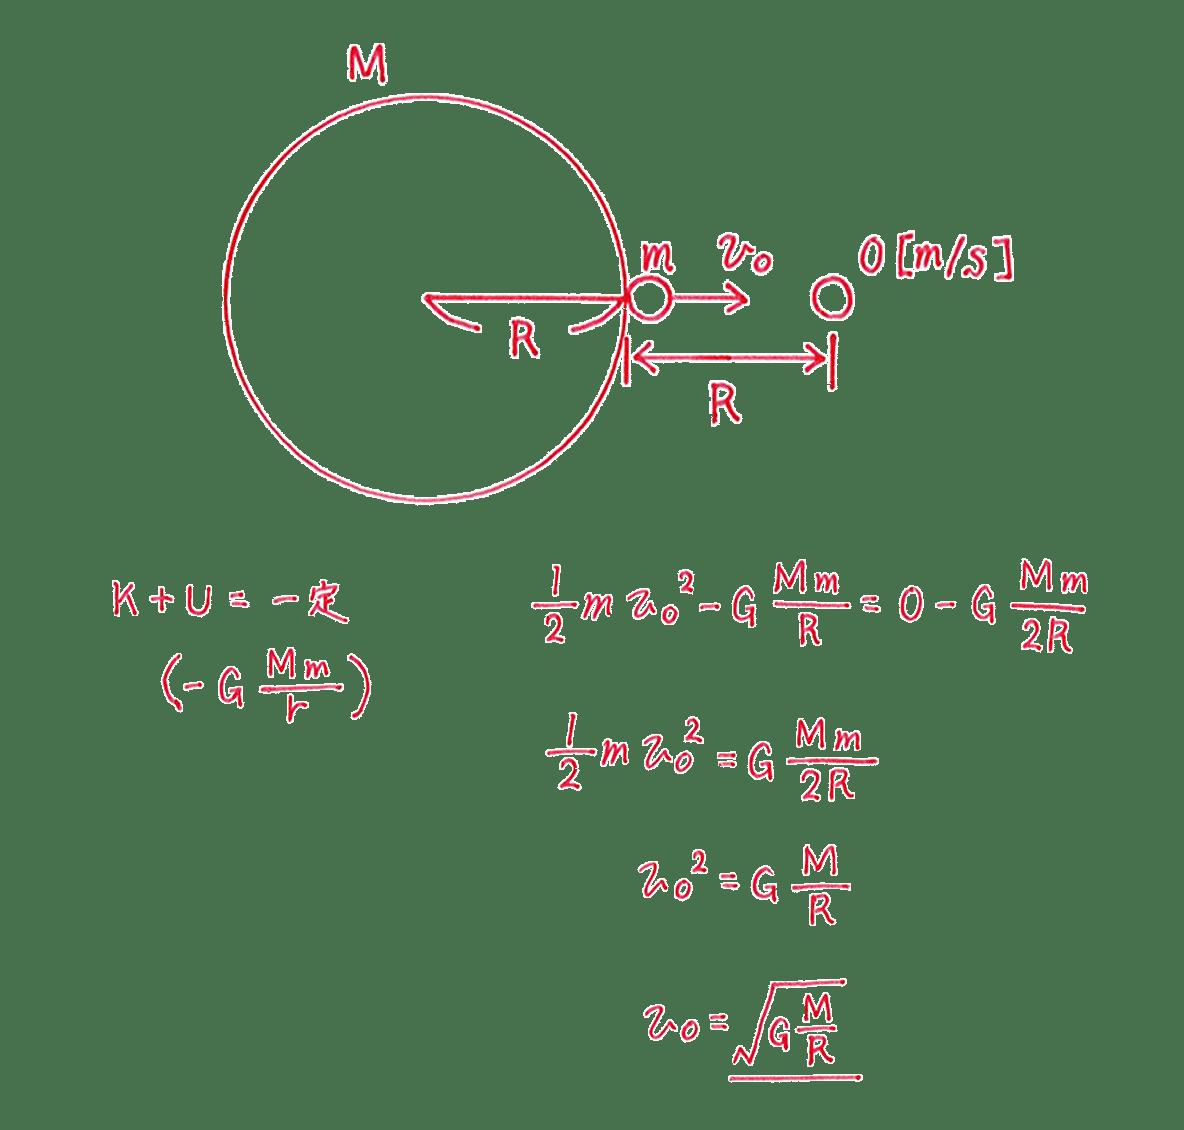 高校物理 運動と力79 練習 図と答え